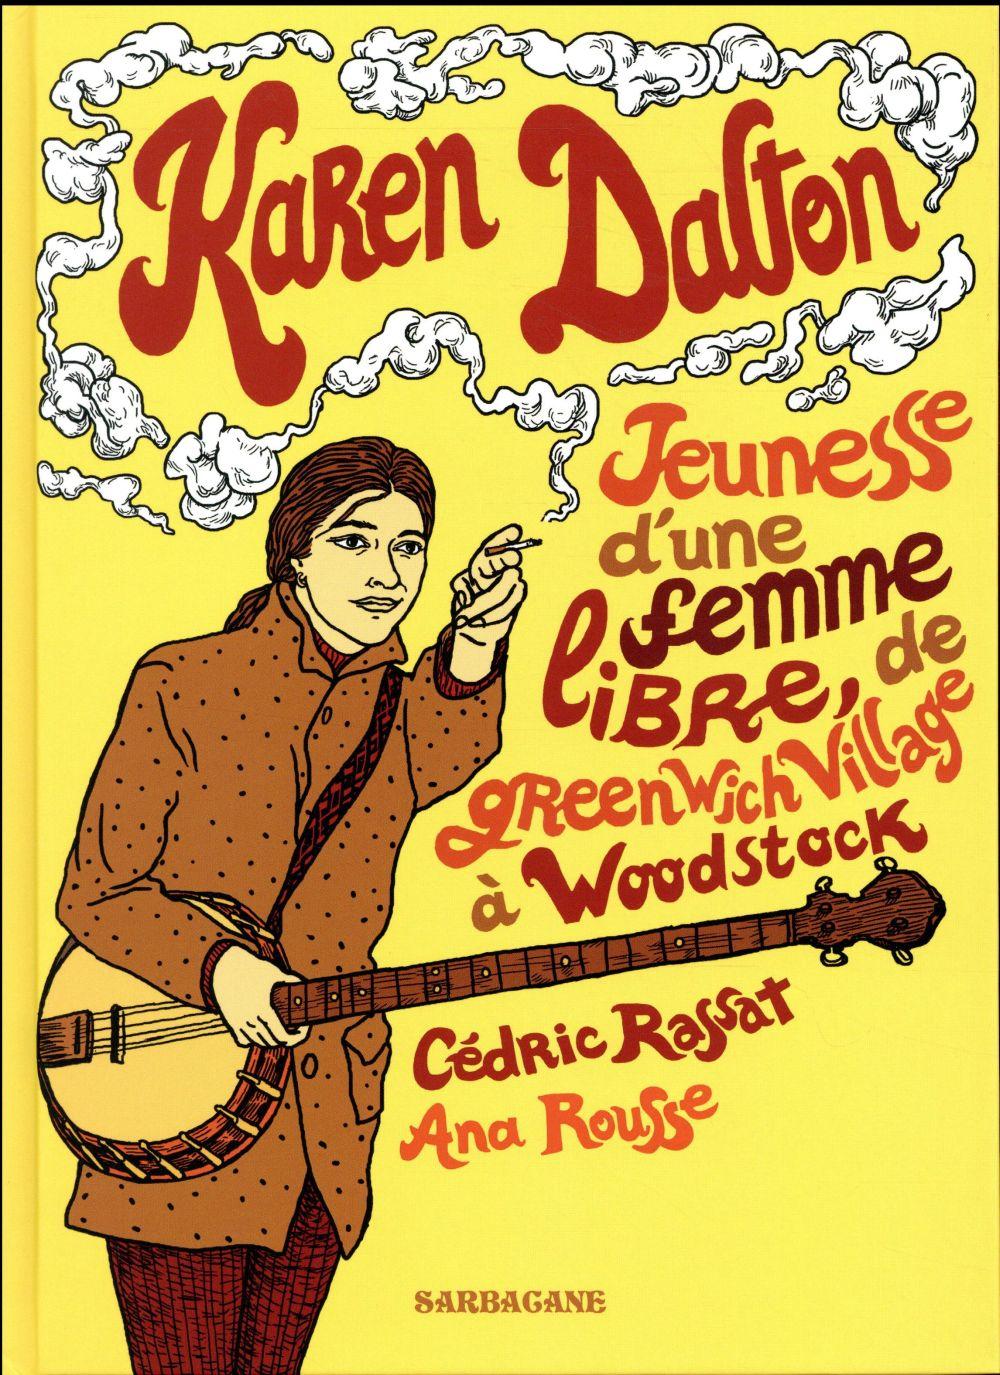 Karen Dalton ; jeunesse d'une femme libre, de Greenwich Village à Woodstock